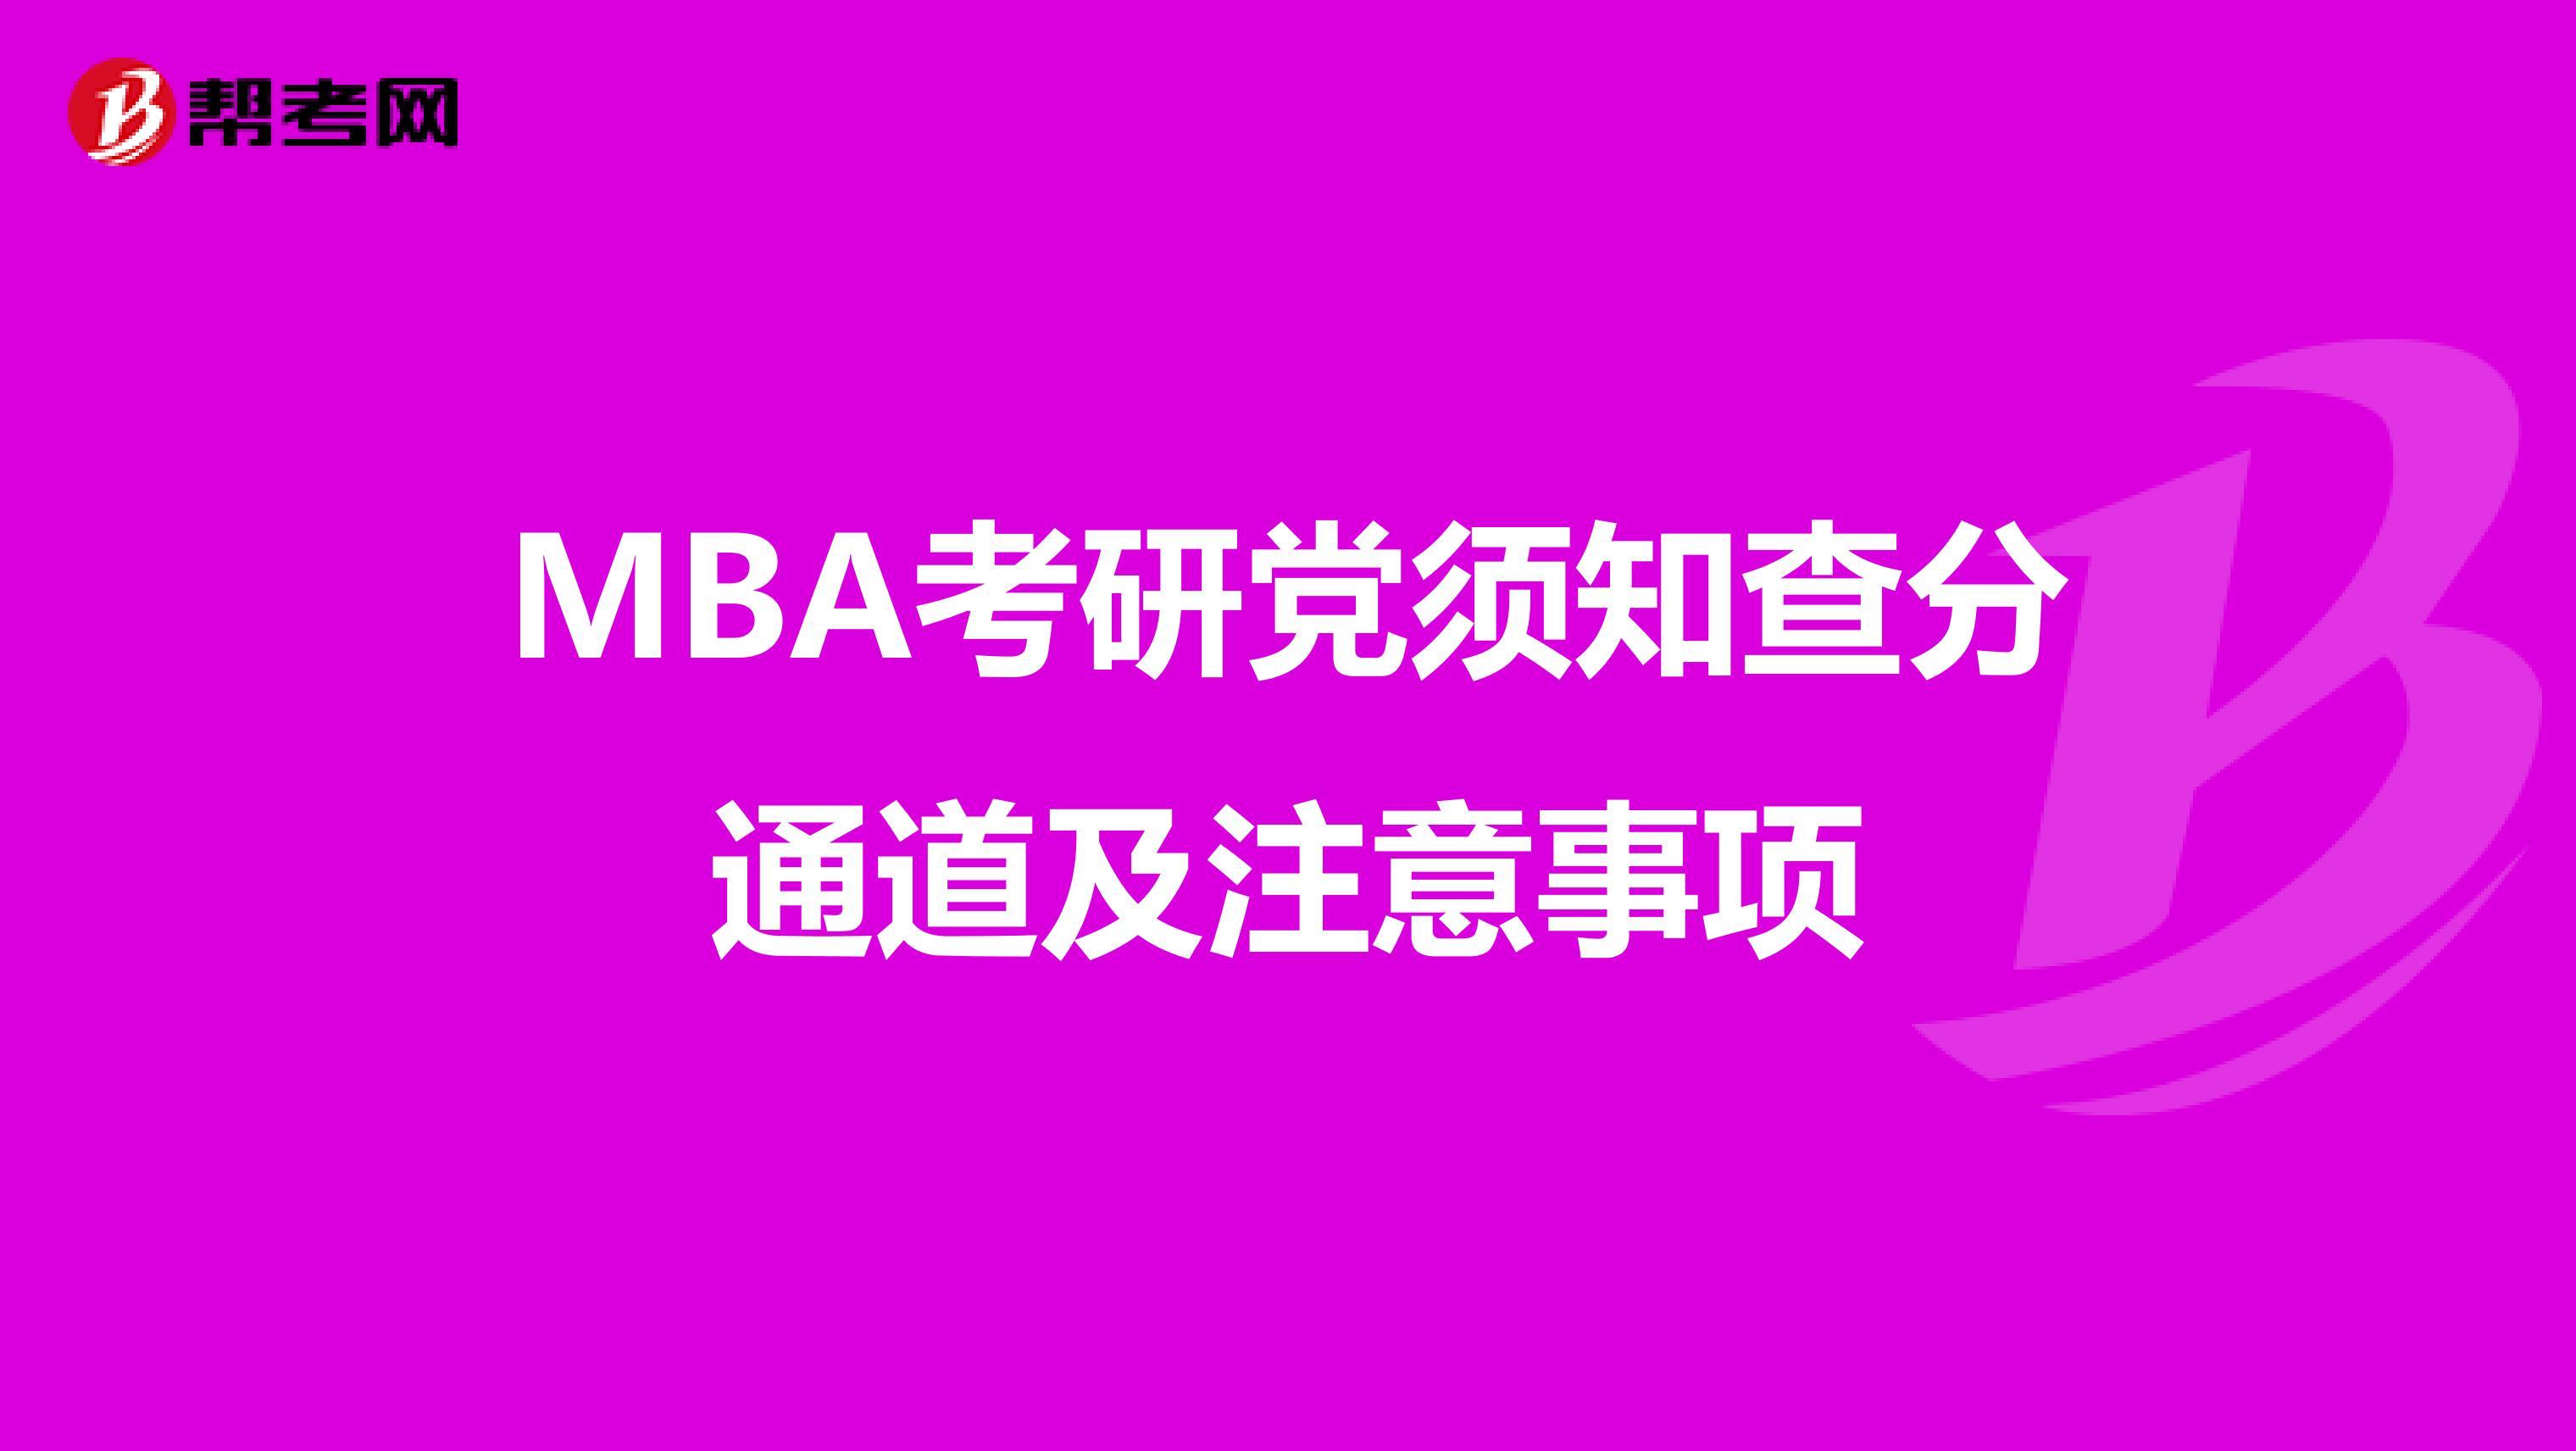 MBA考研党须知查分通道及注意事项